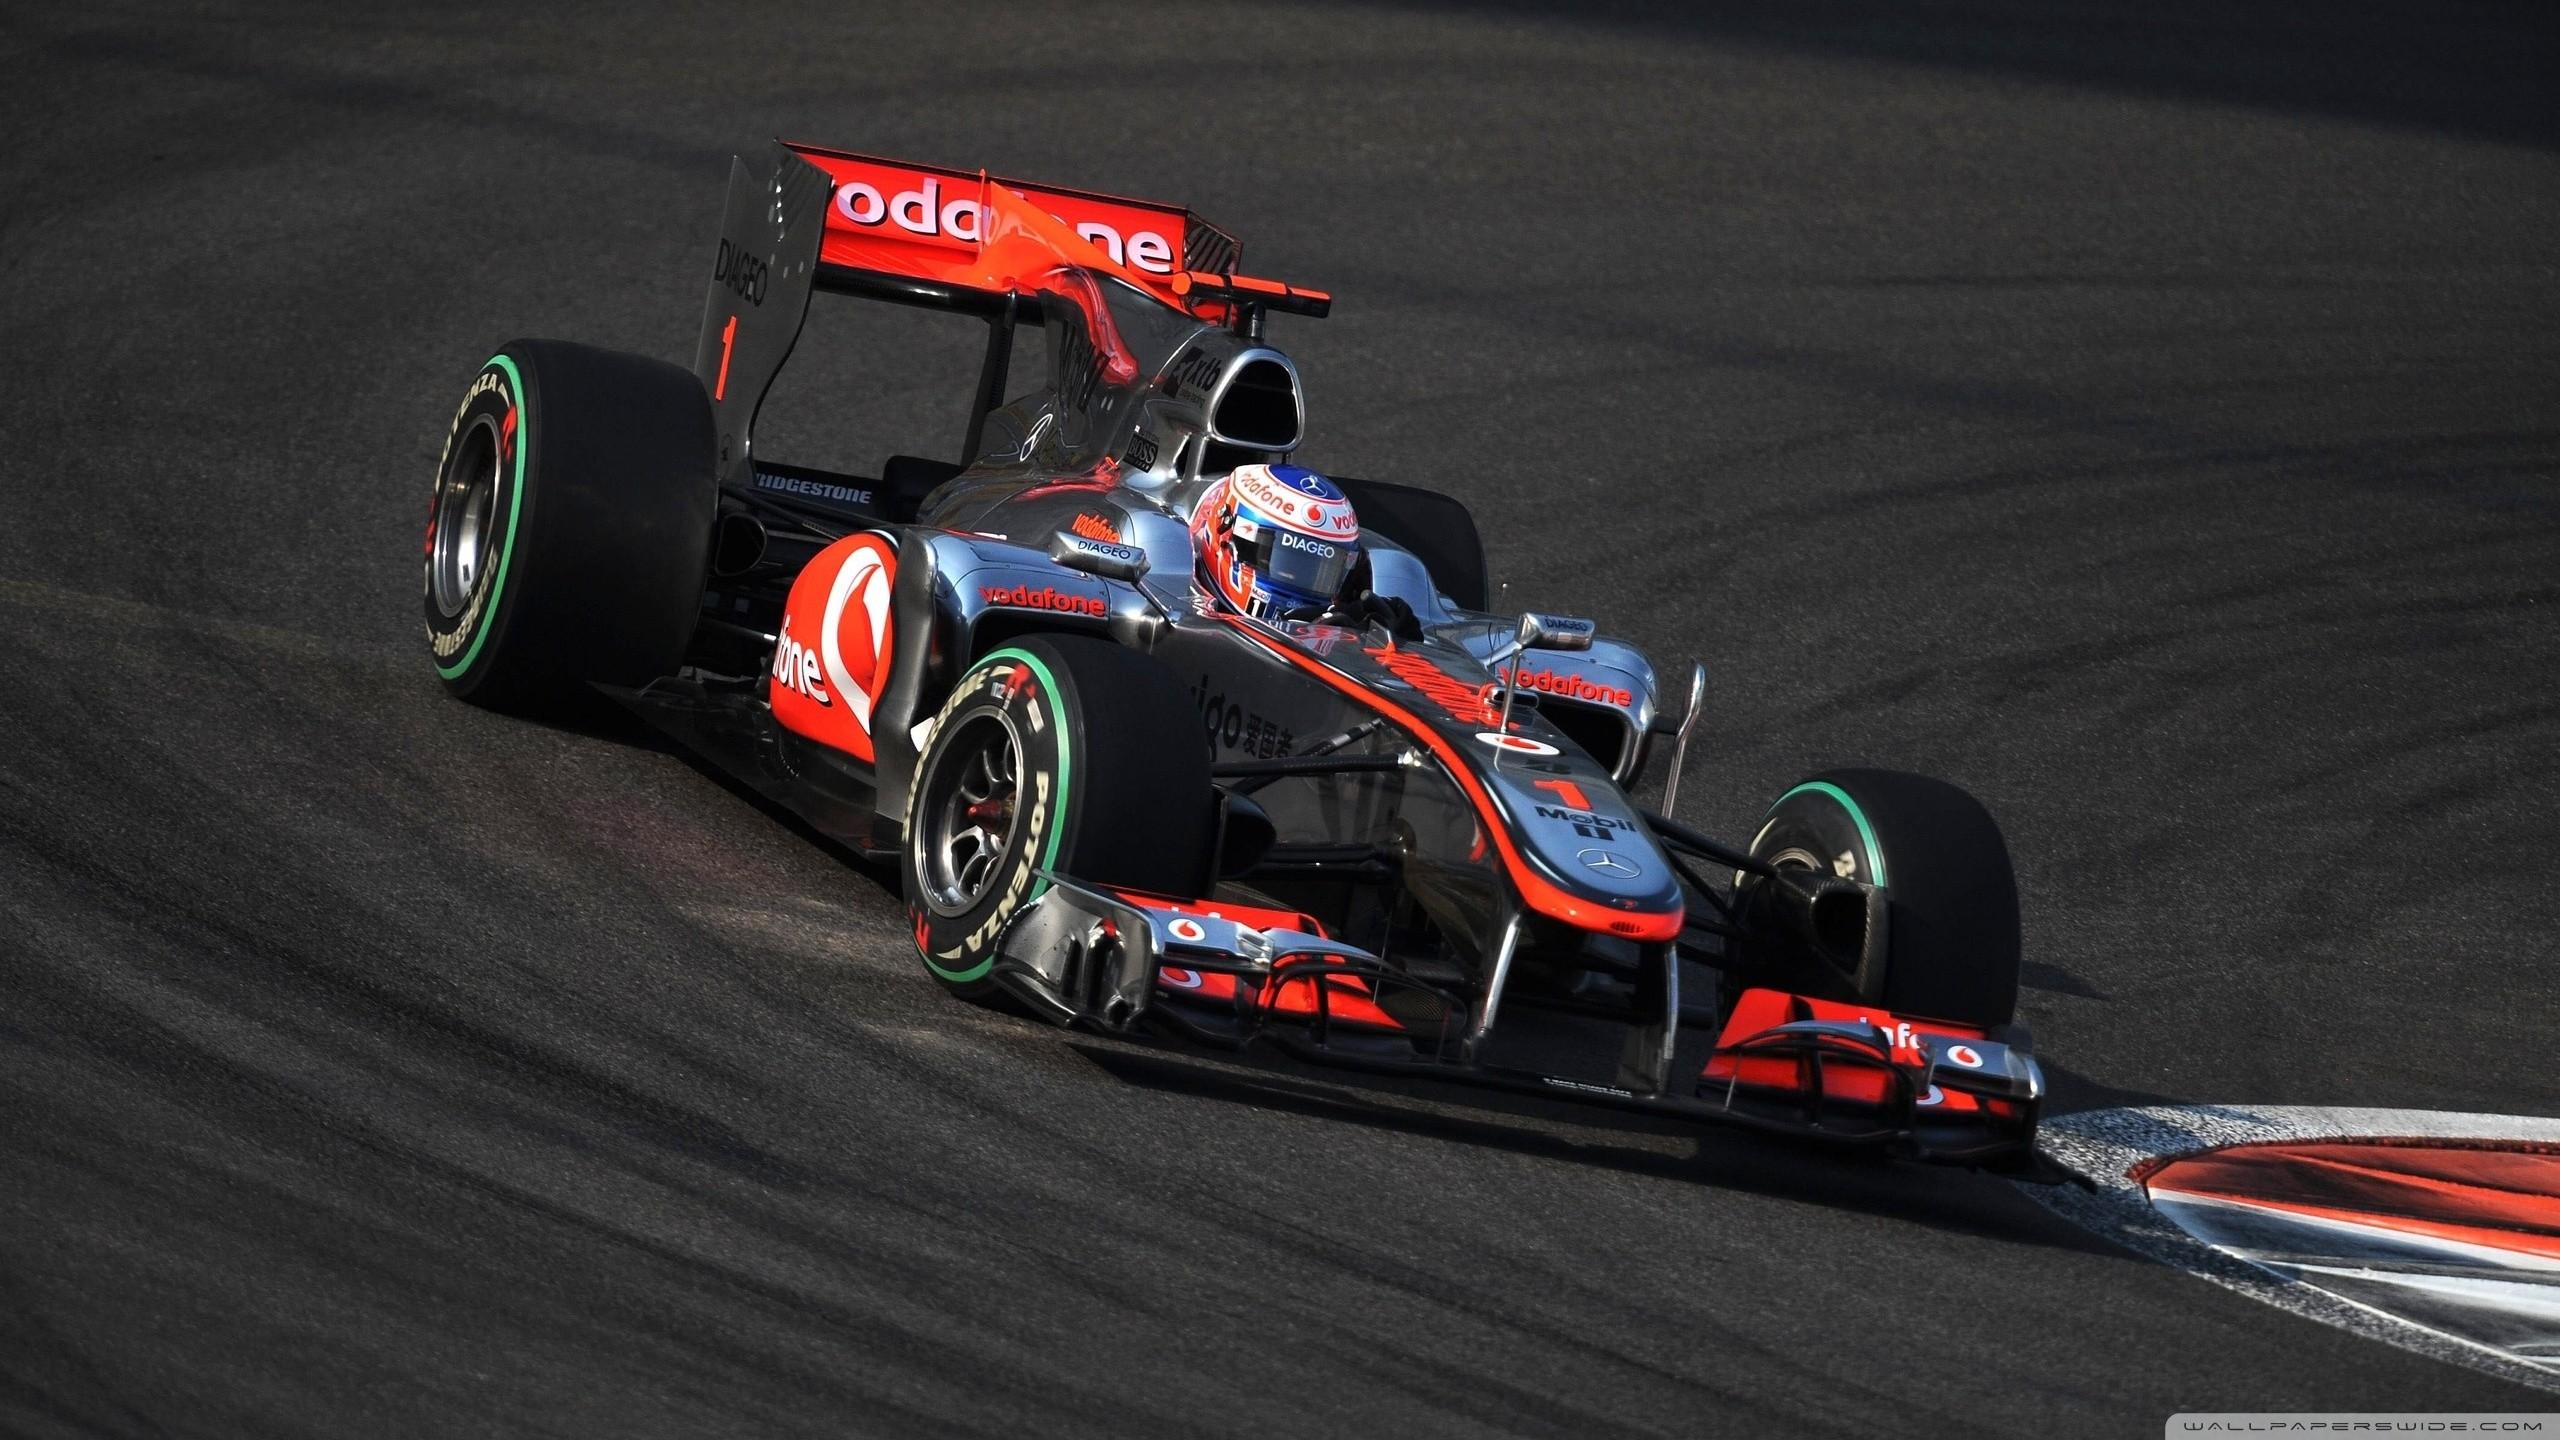 Res: 2560x1440, formula car racing wallpapers hd wallpaper formula 1 race car wallpaper